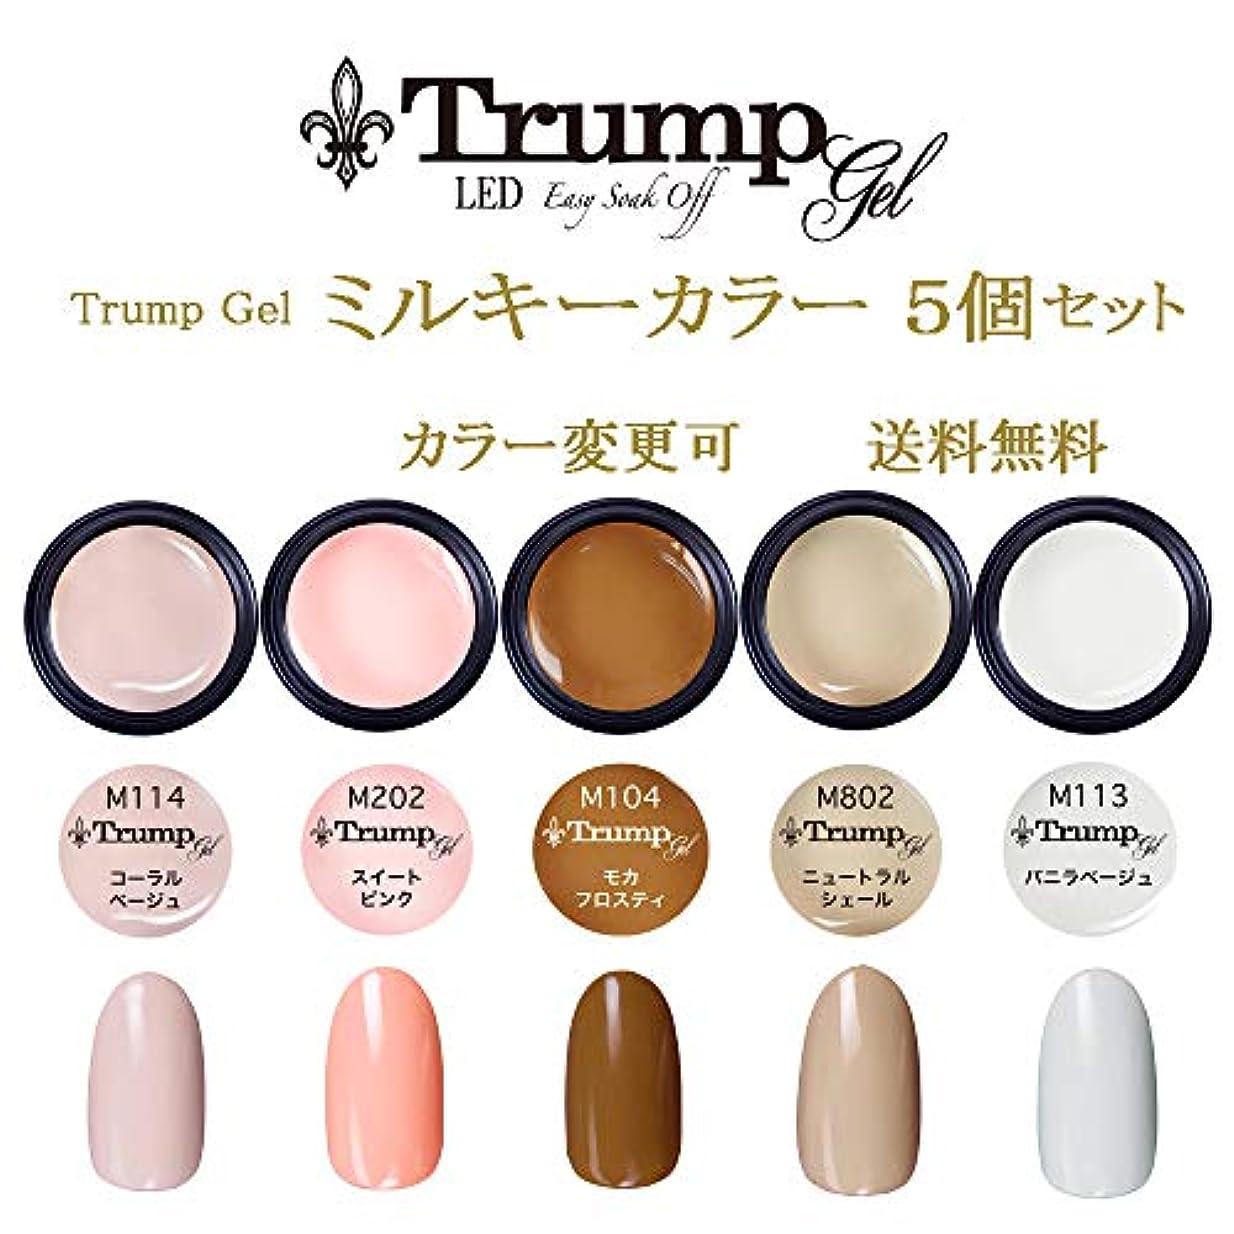 作成者インターネット排除【送料無料】日本製 Trump gel トランプジェル ミルキーカラー 選べる カラージェル 5個セット ミルキーネイル ベージュ ピンク ミルキー カラー